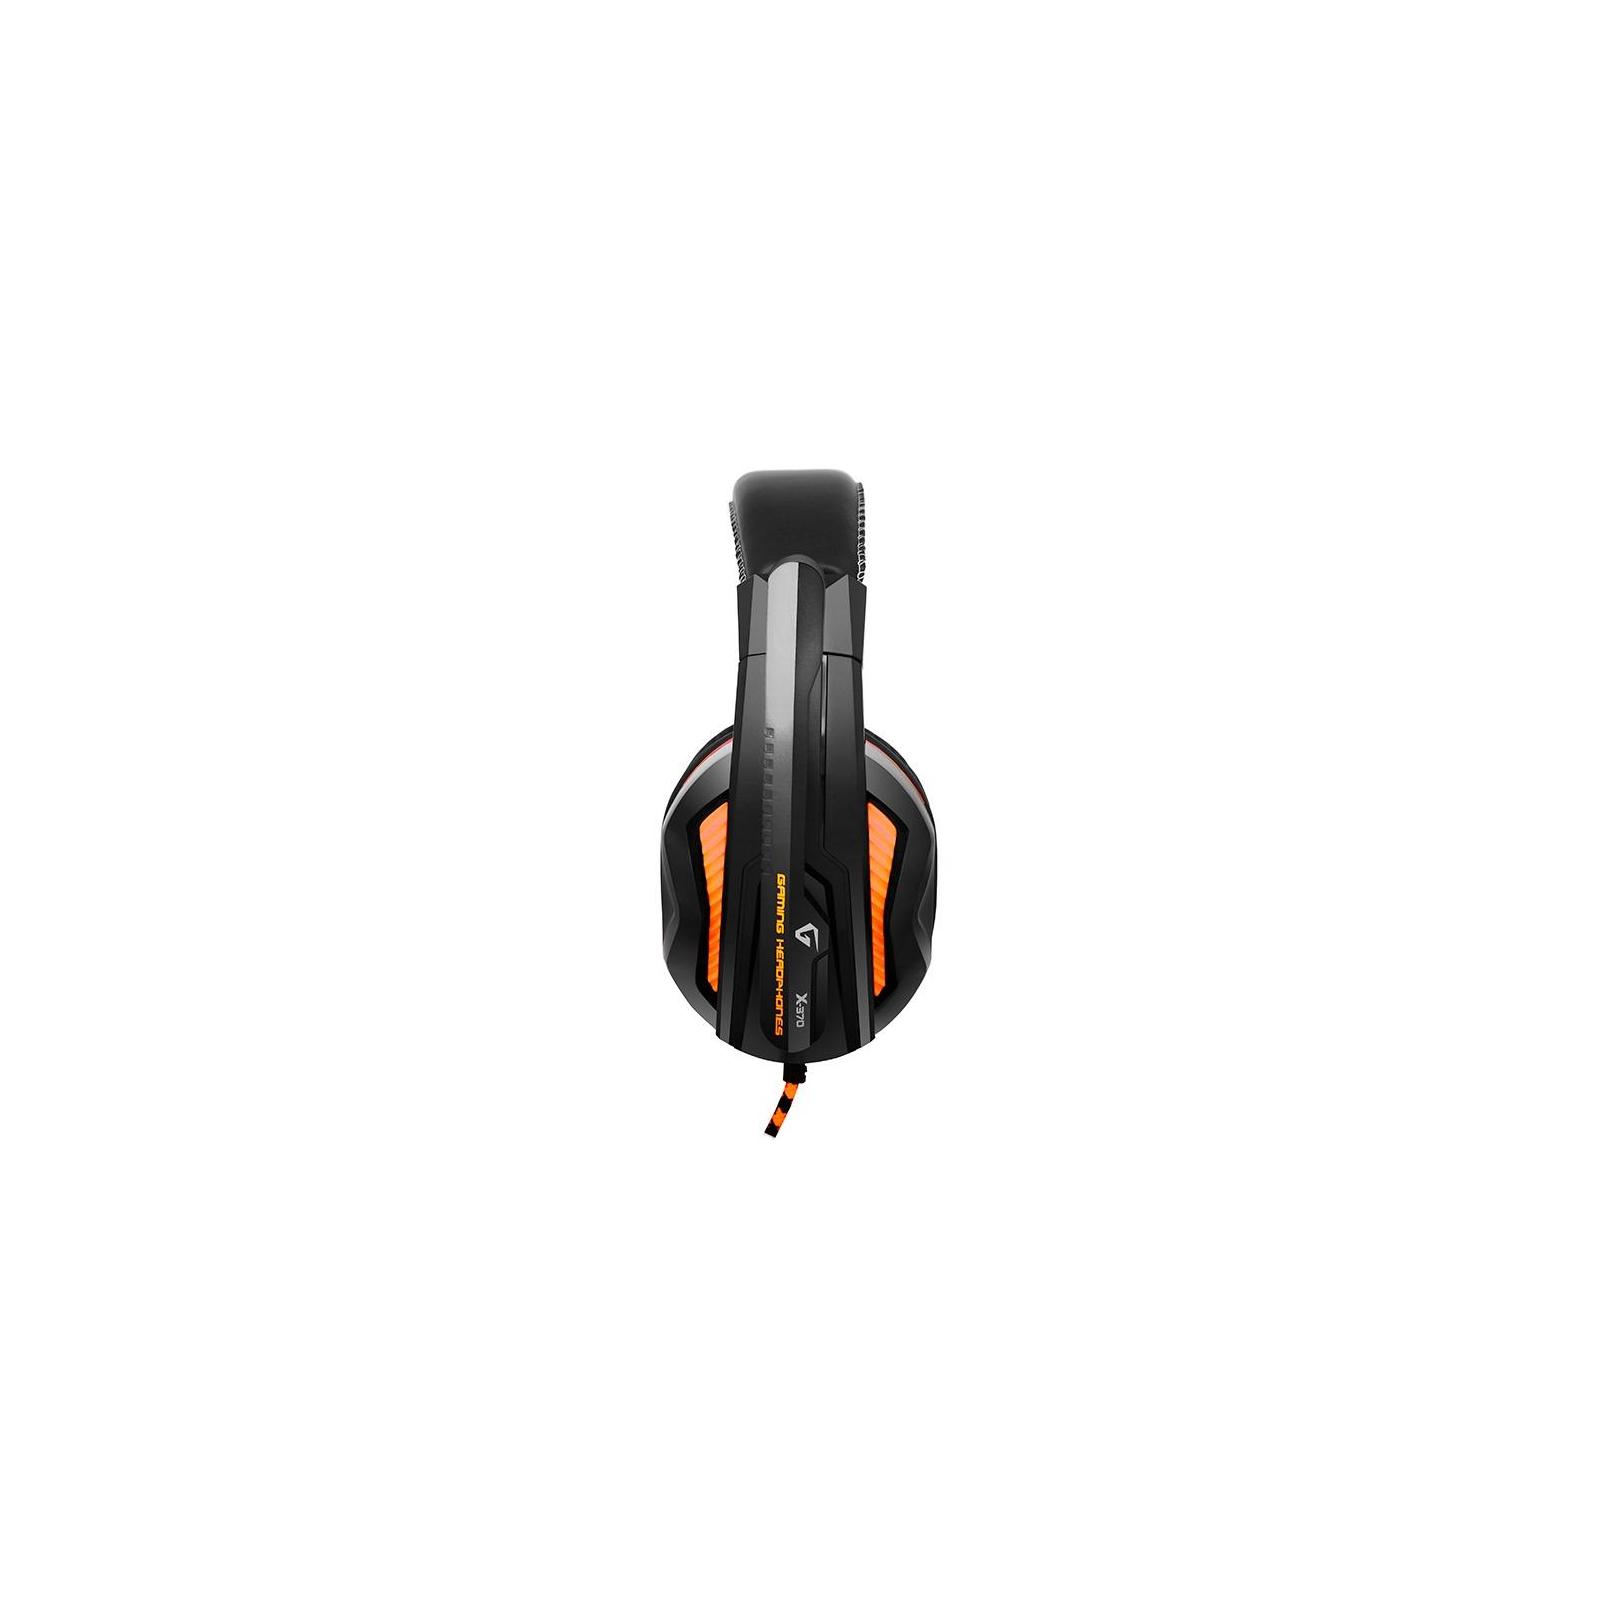 Наушники GEMIX X-370 black-orange изображение 2